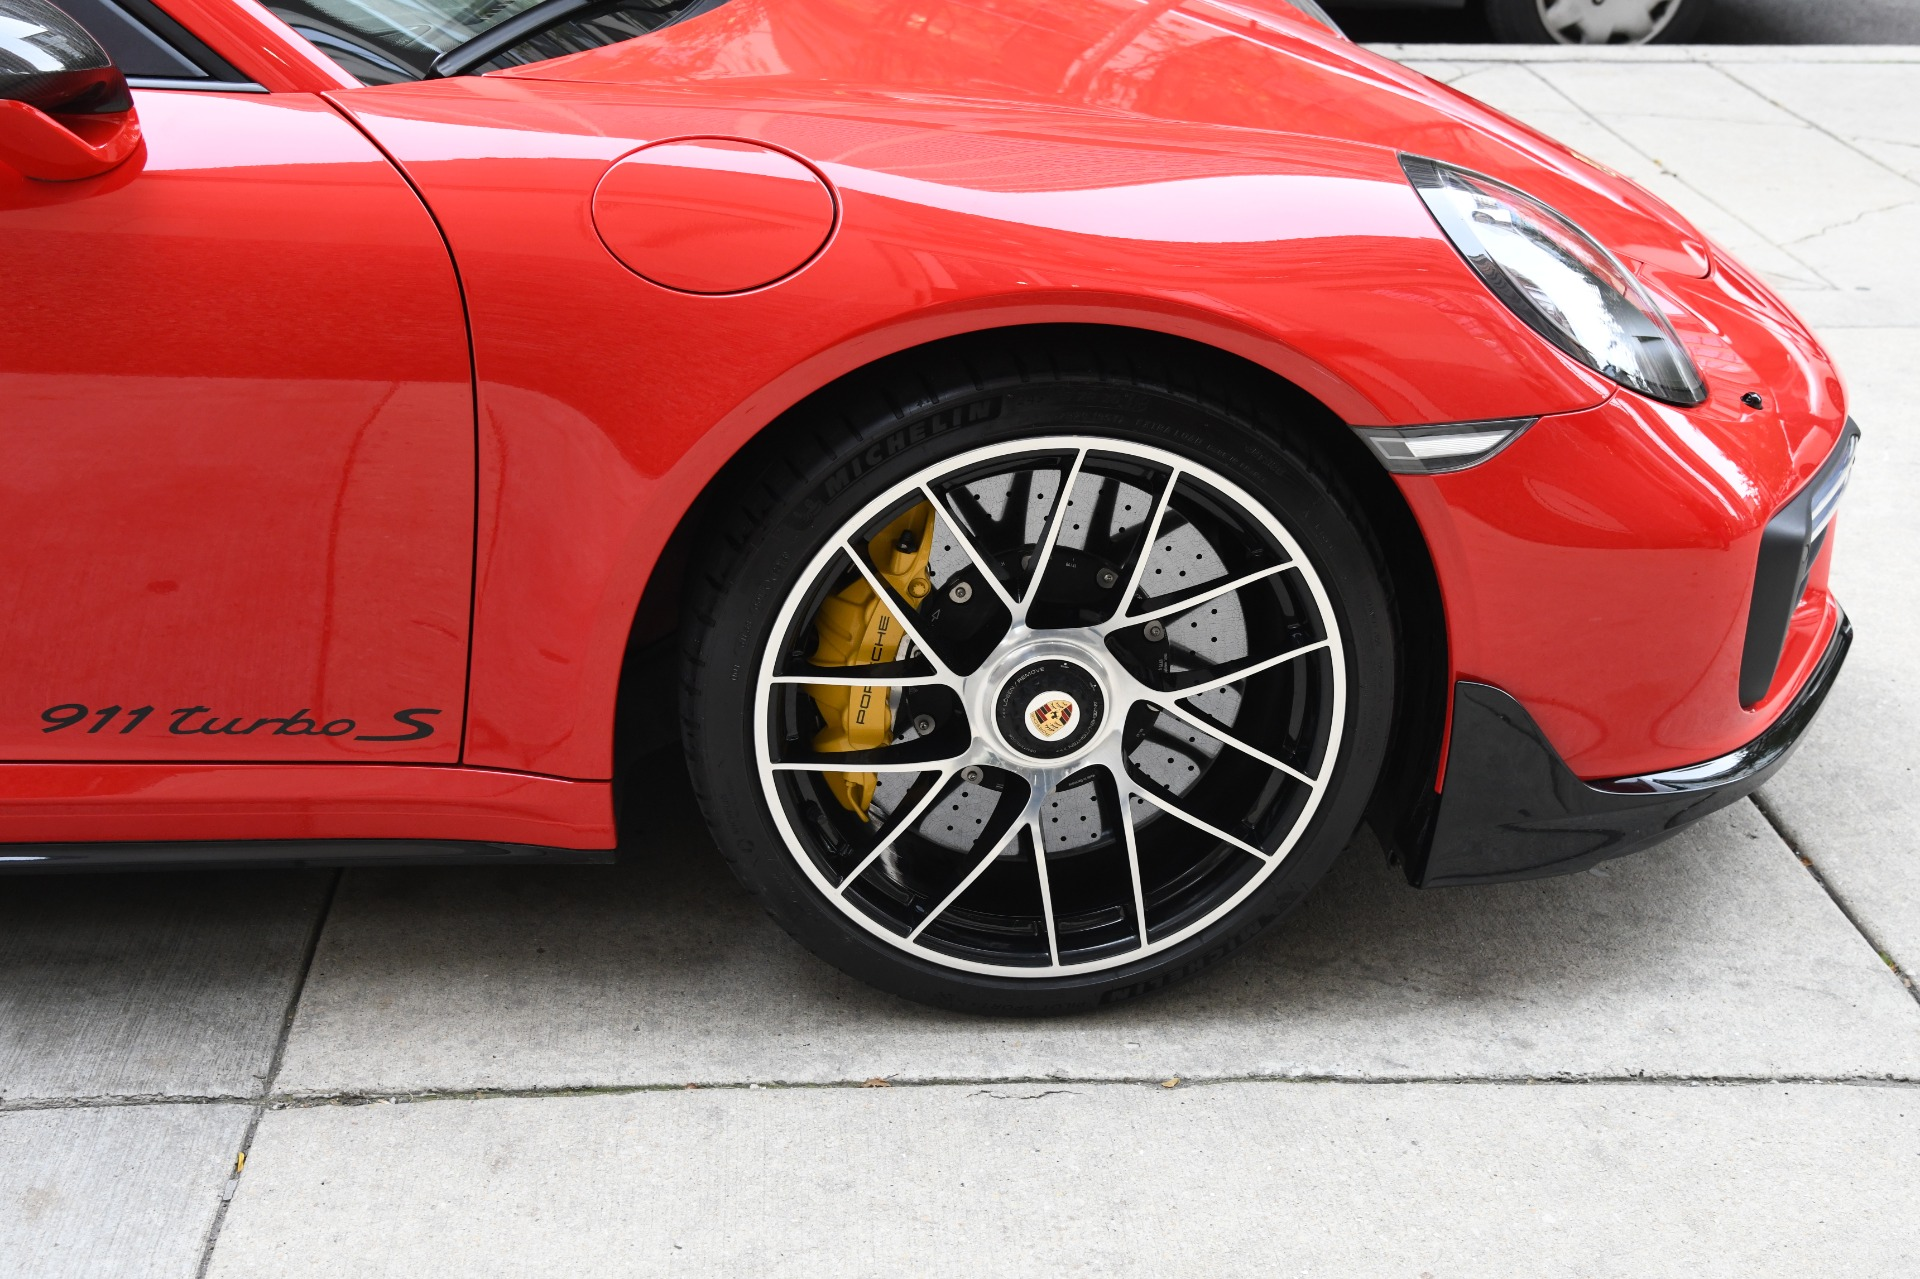 Used 2018 Porsche 911 Turbo | Chicago, IL